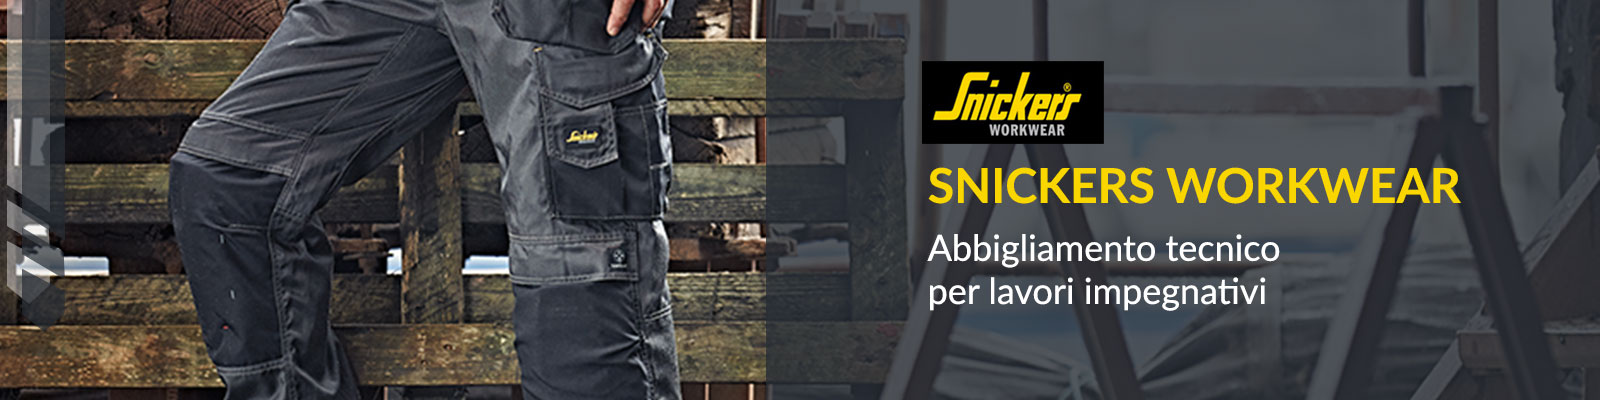 Snickers Workwear - Abbigliamento Tecnico da lavoro